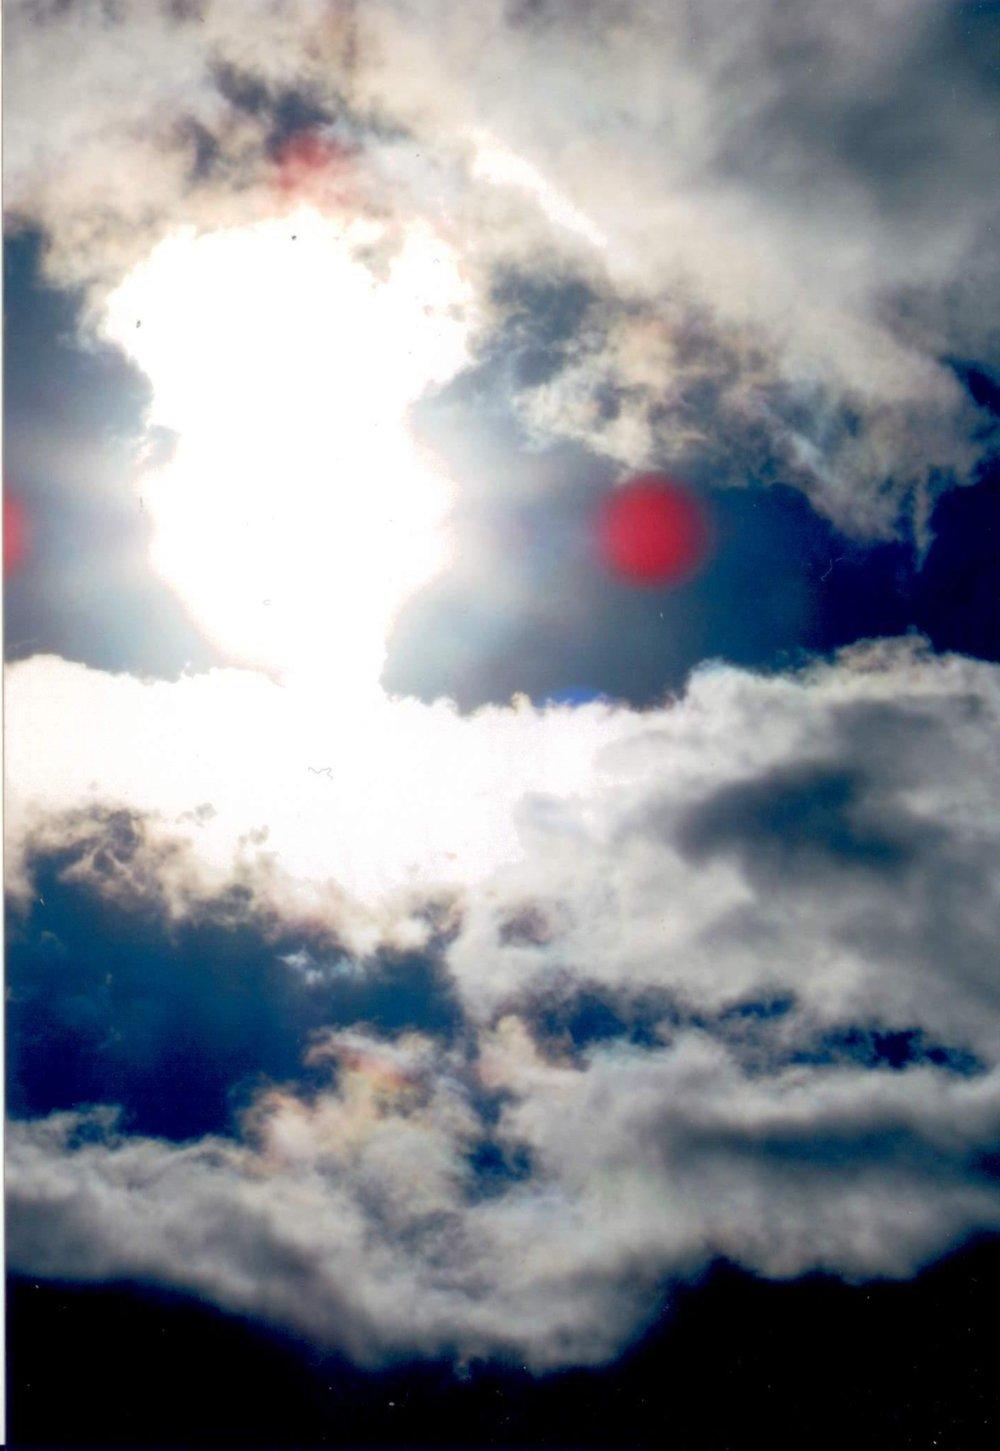 In questa foto ci sono spiritacci caniferi che ci piace la carne, incomincia con piccolo foruncolo e si forma con piaghe rosso scuro non guarisce con nessuna medicina si vedono delle faccie nelle farite e sembre peggiorand. La guarigione per questa malattia è la preghiera di liberazione dello spirito carnifero dal corpo e accendere candele miracolata, si puo guarire.